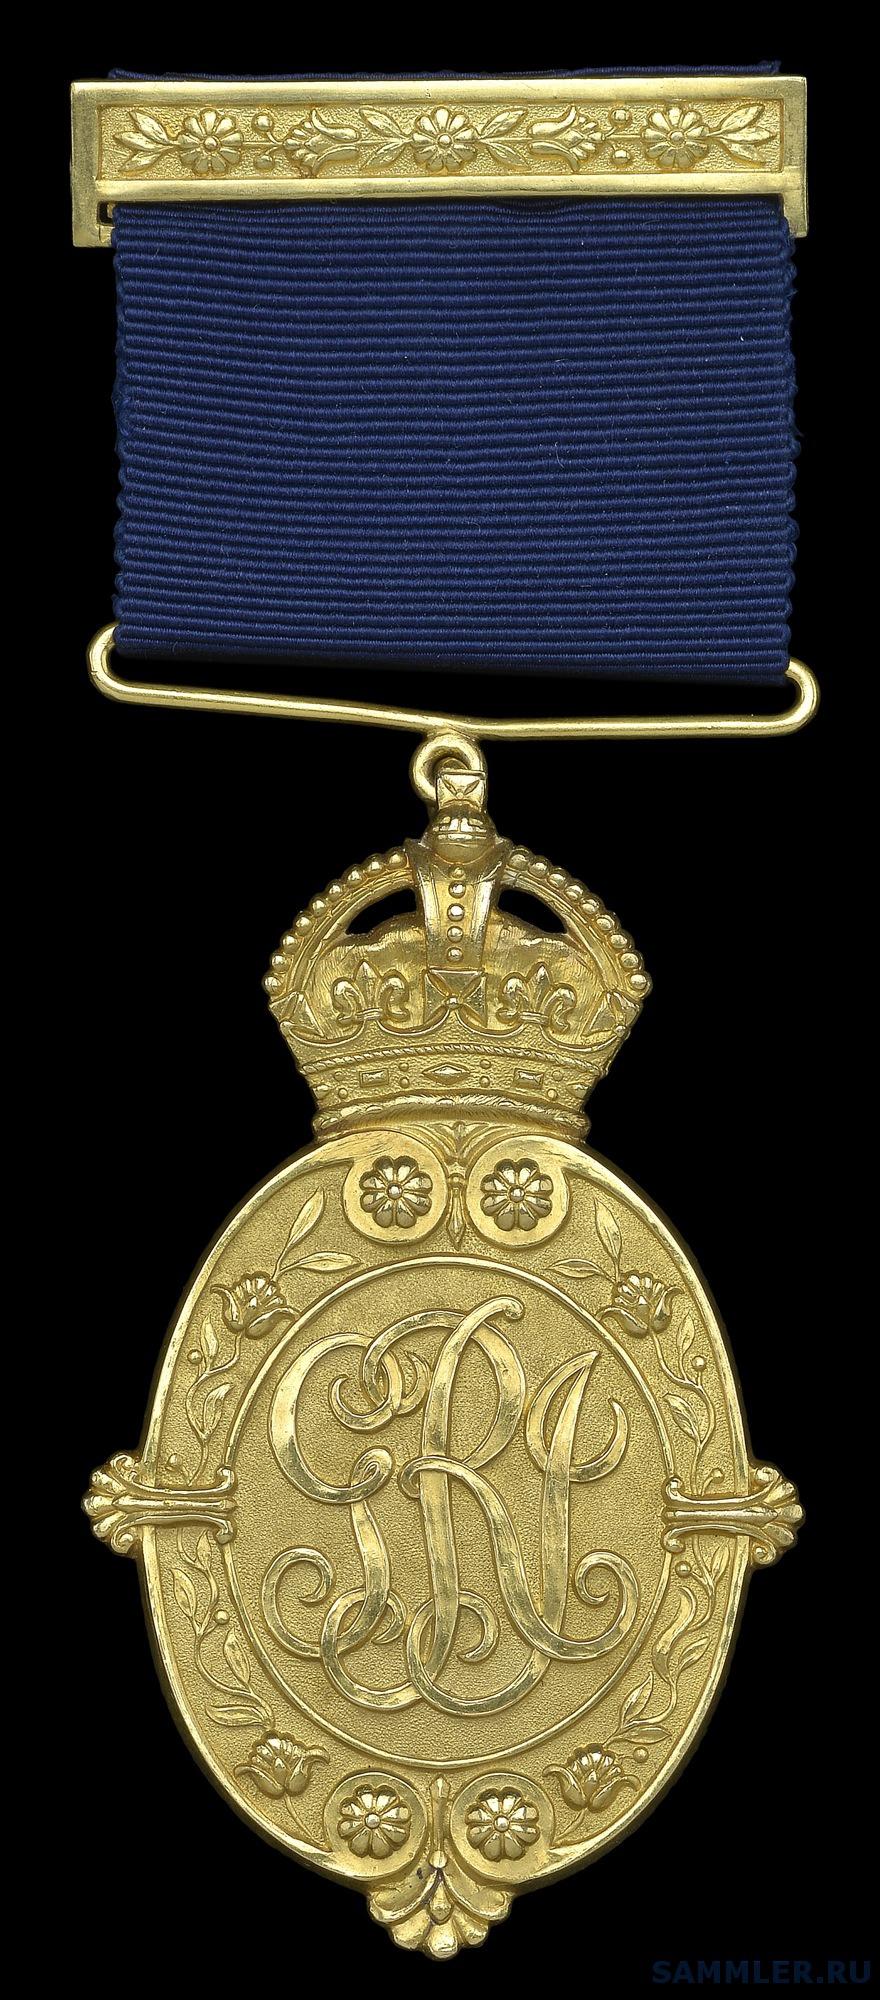 Kaisar-I-Hind, G.V.R., 1st class, 1st type, gold.jpg